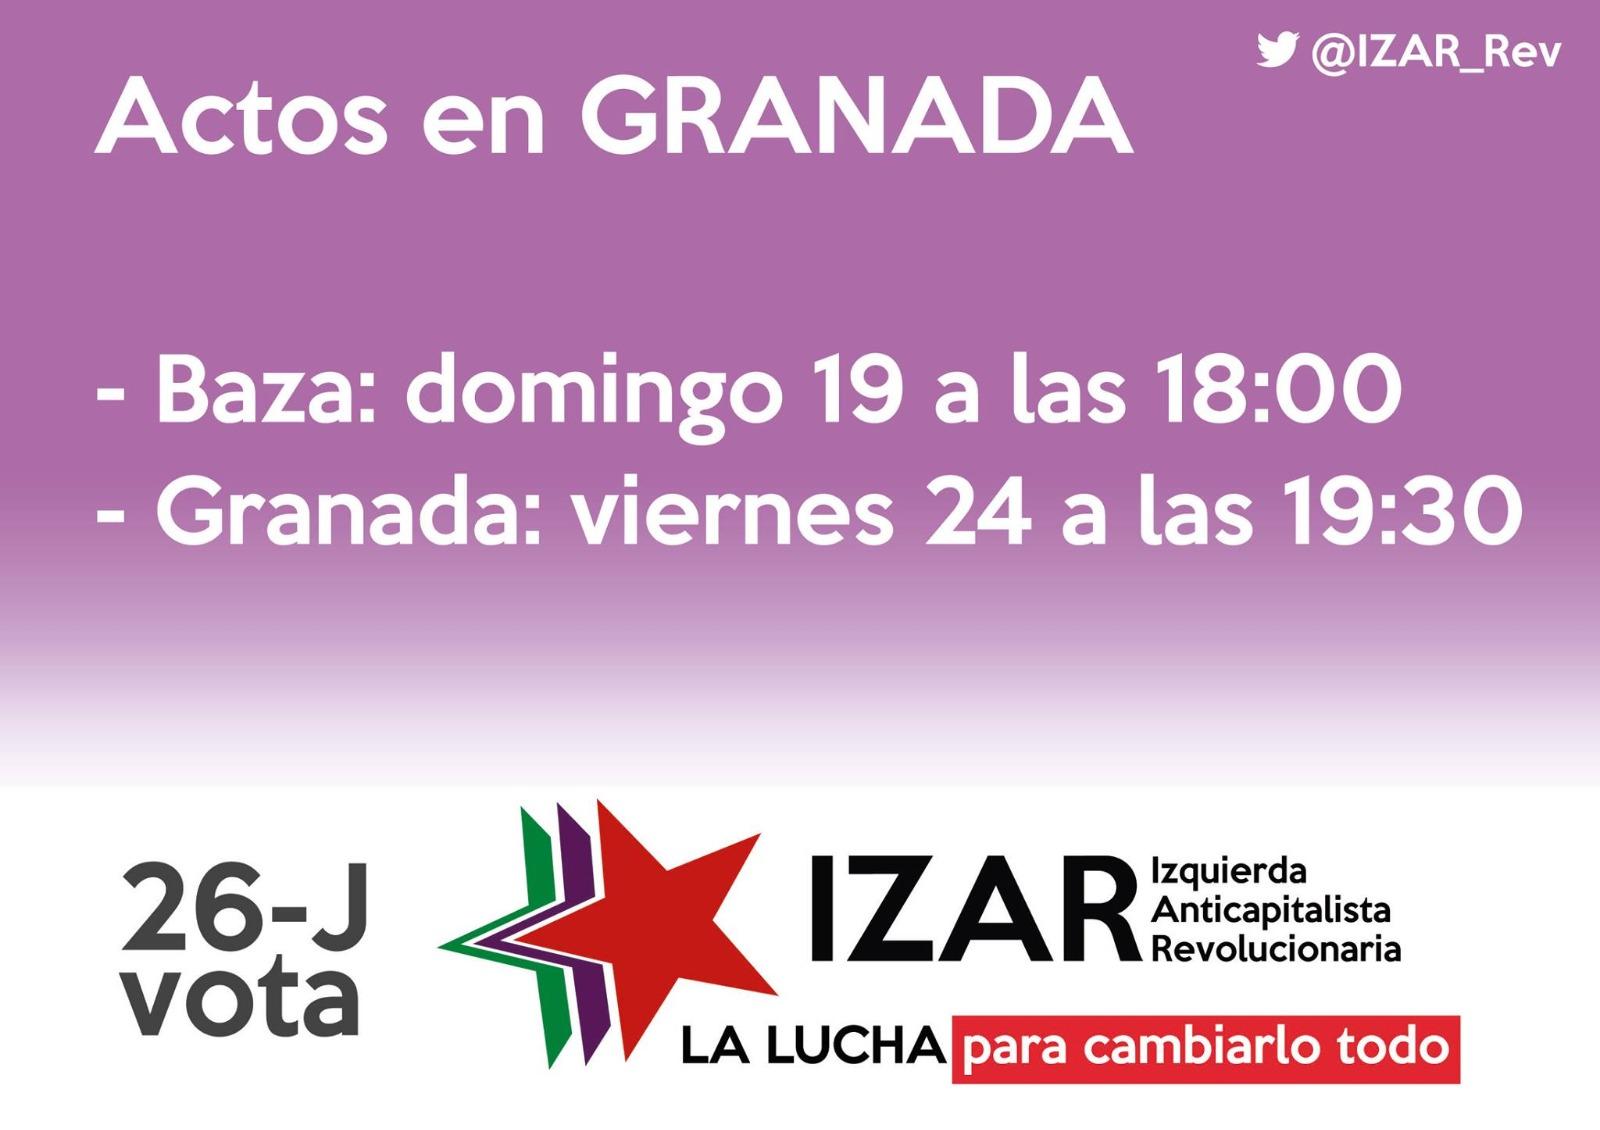 Actos de campaña de la candidatura de IZAR en la provincia de Granada